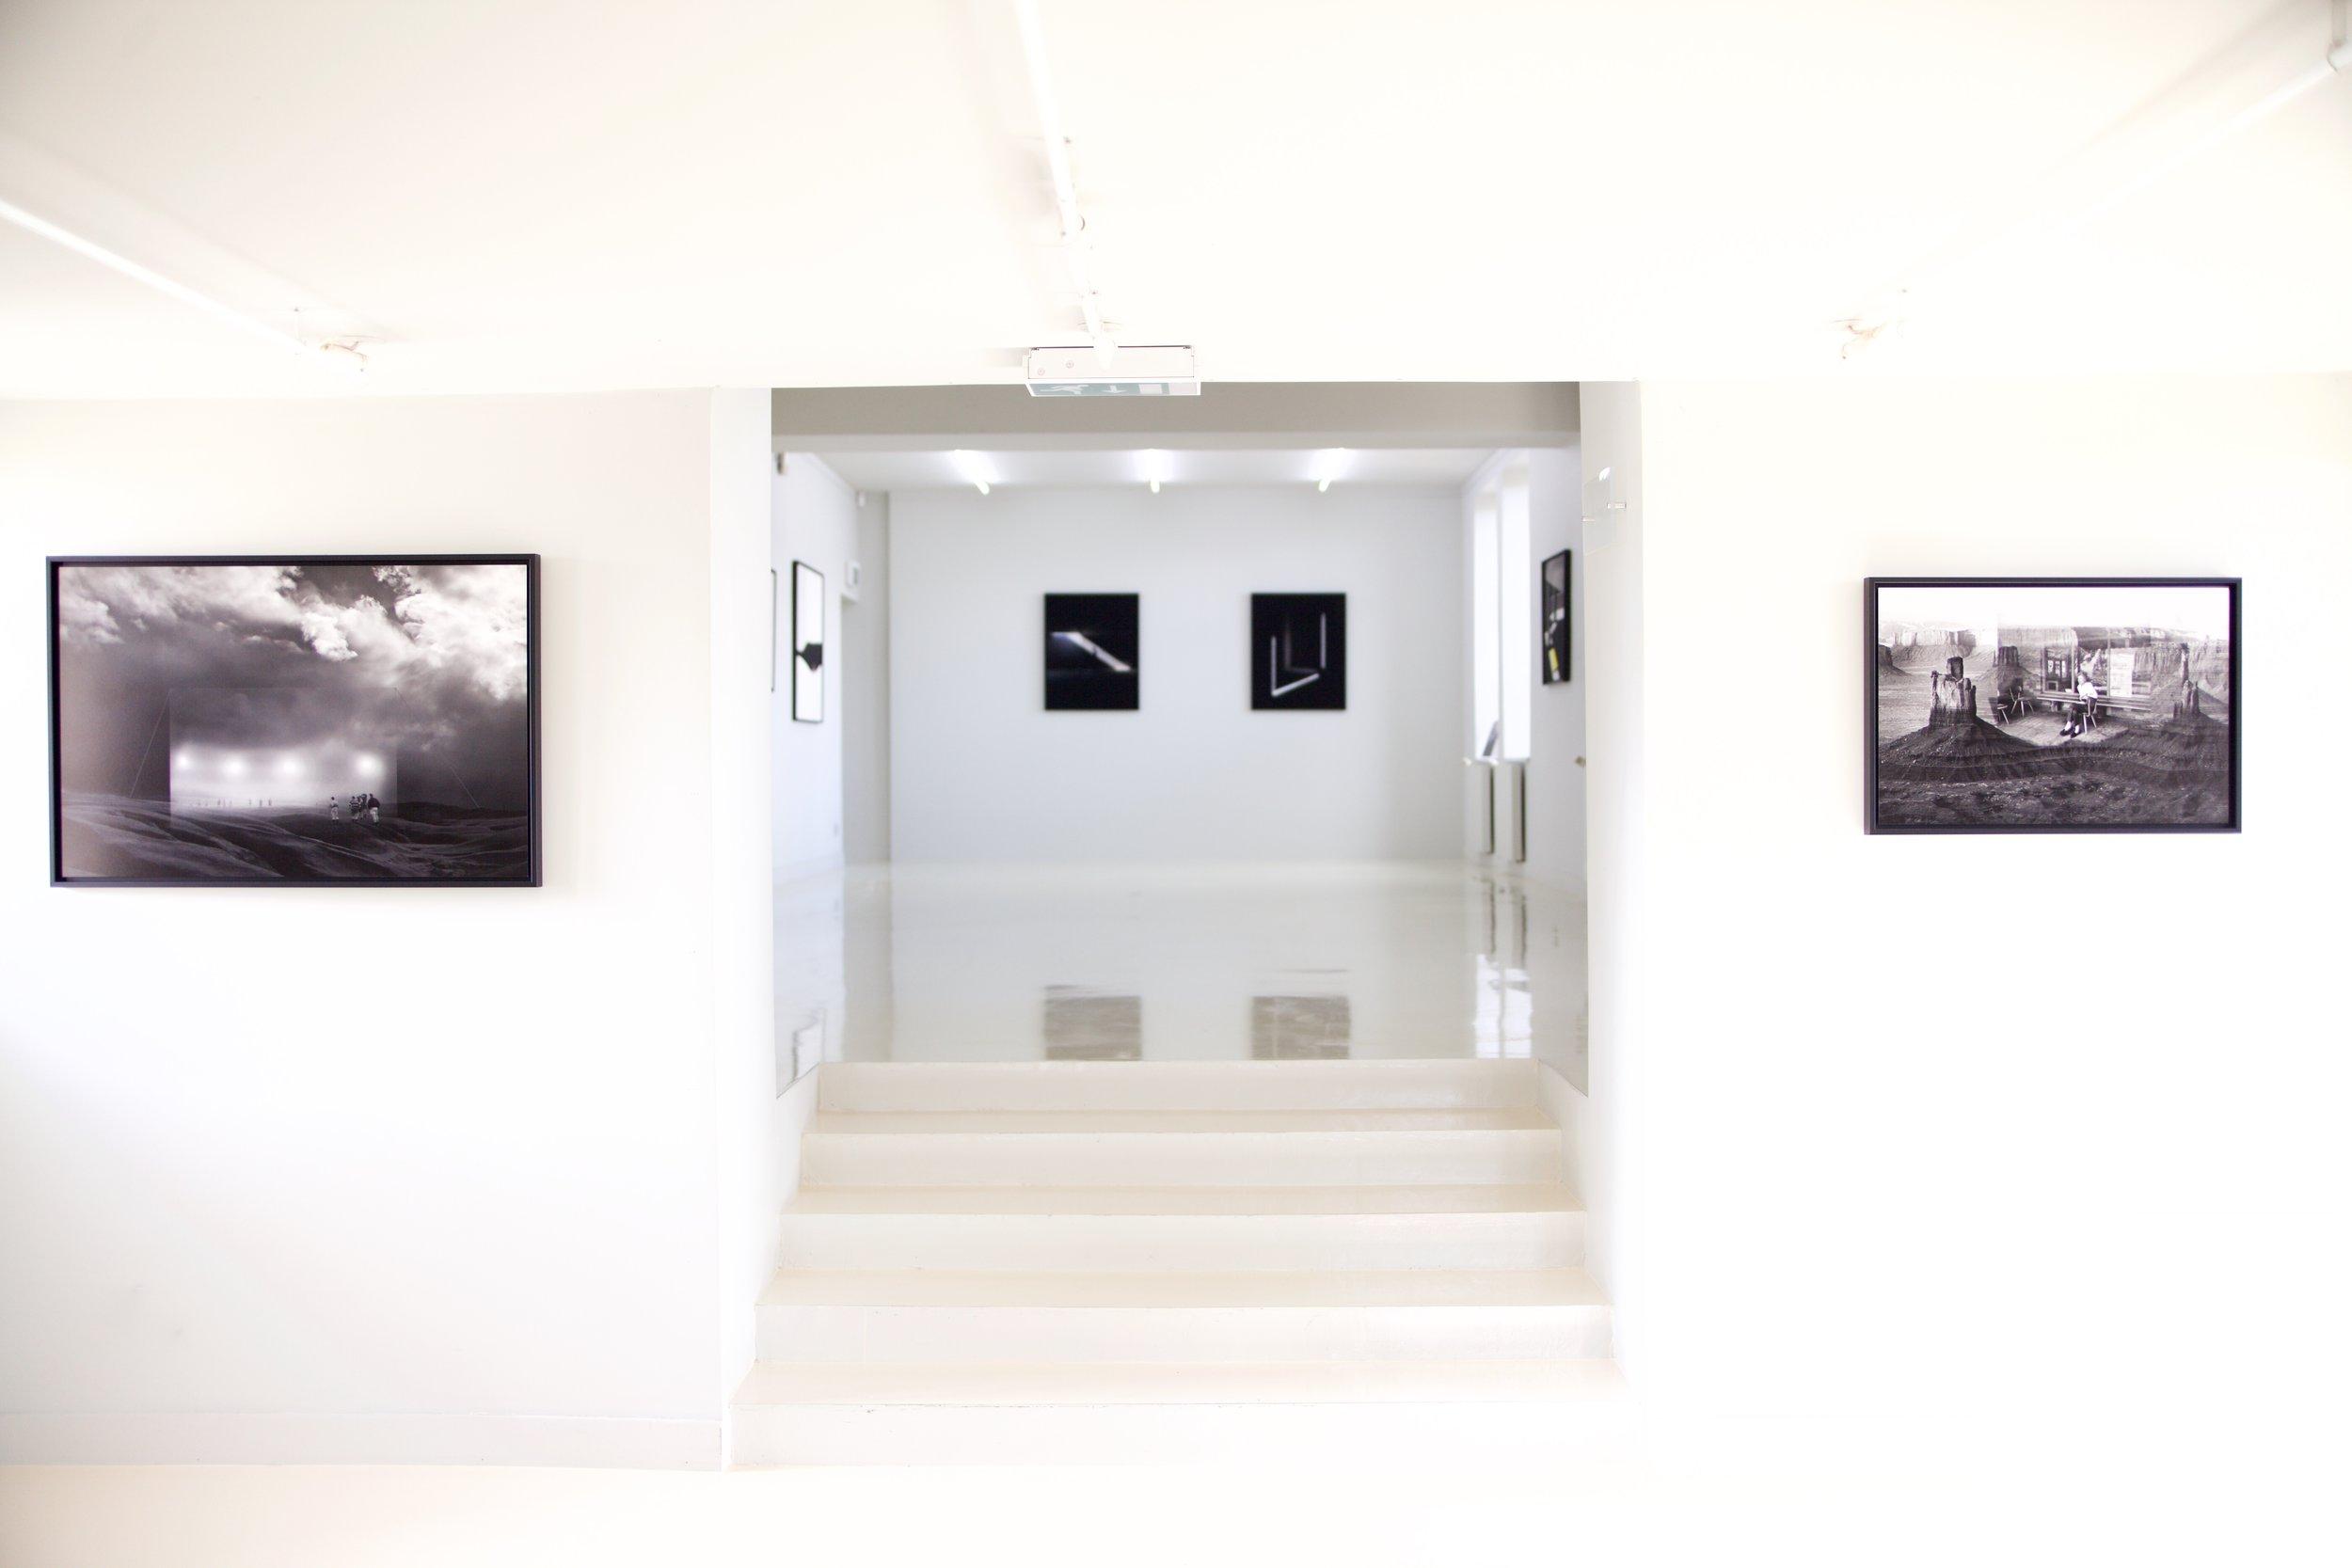 Galerie Bessieres jan2018_MG_5936 41.jpg